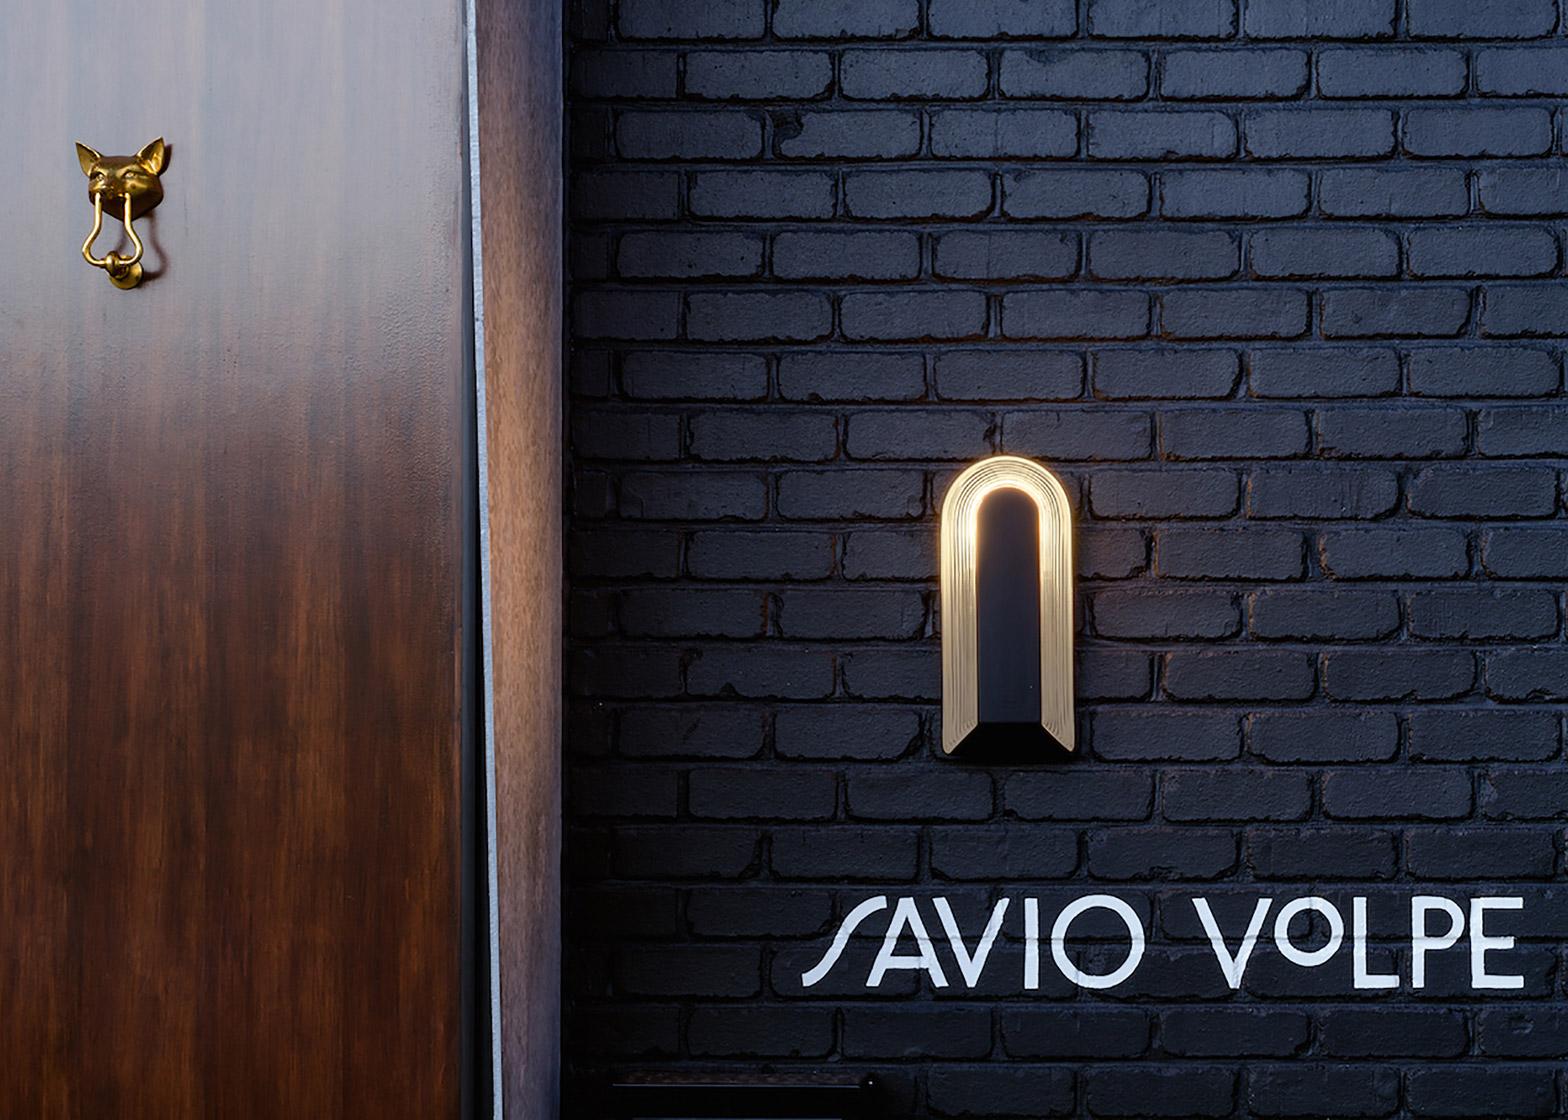 Osteria Savio Volpe by Ste Marie